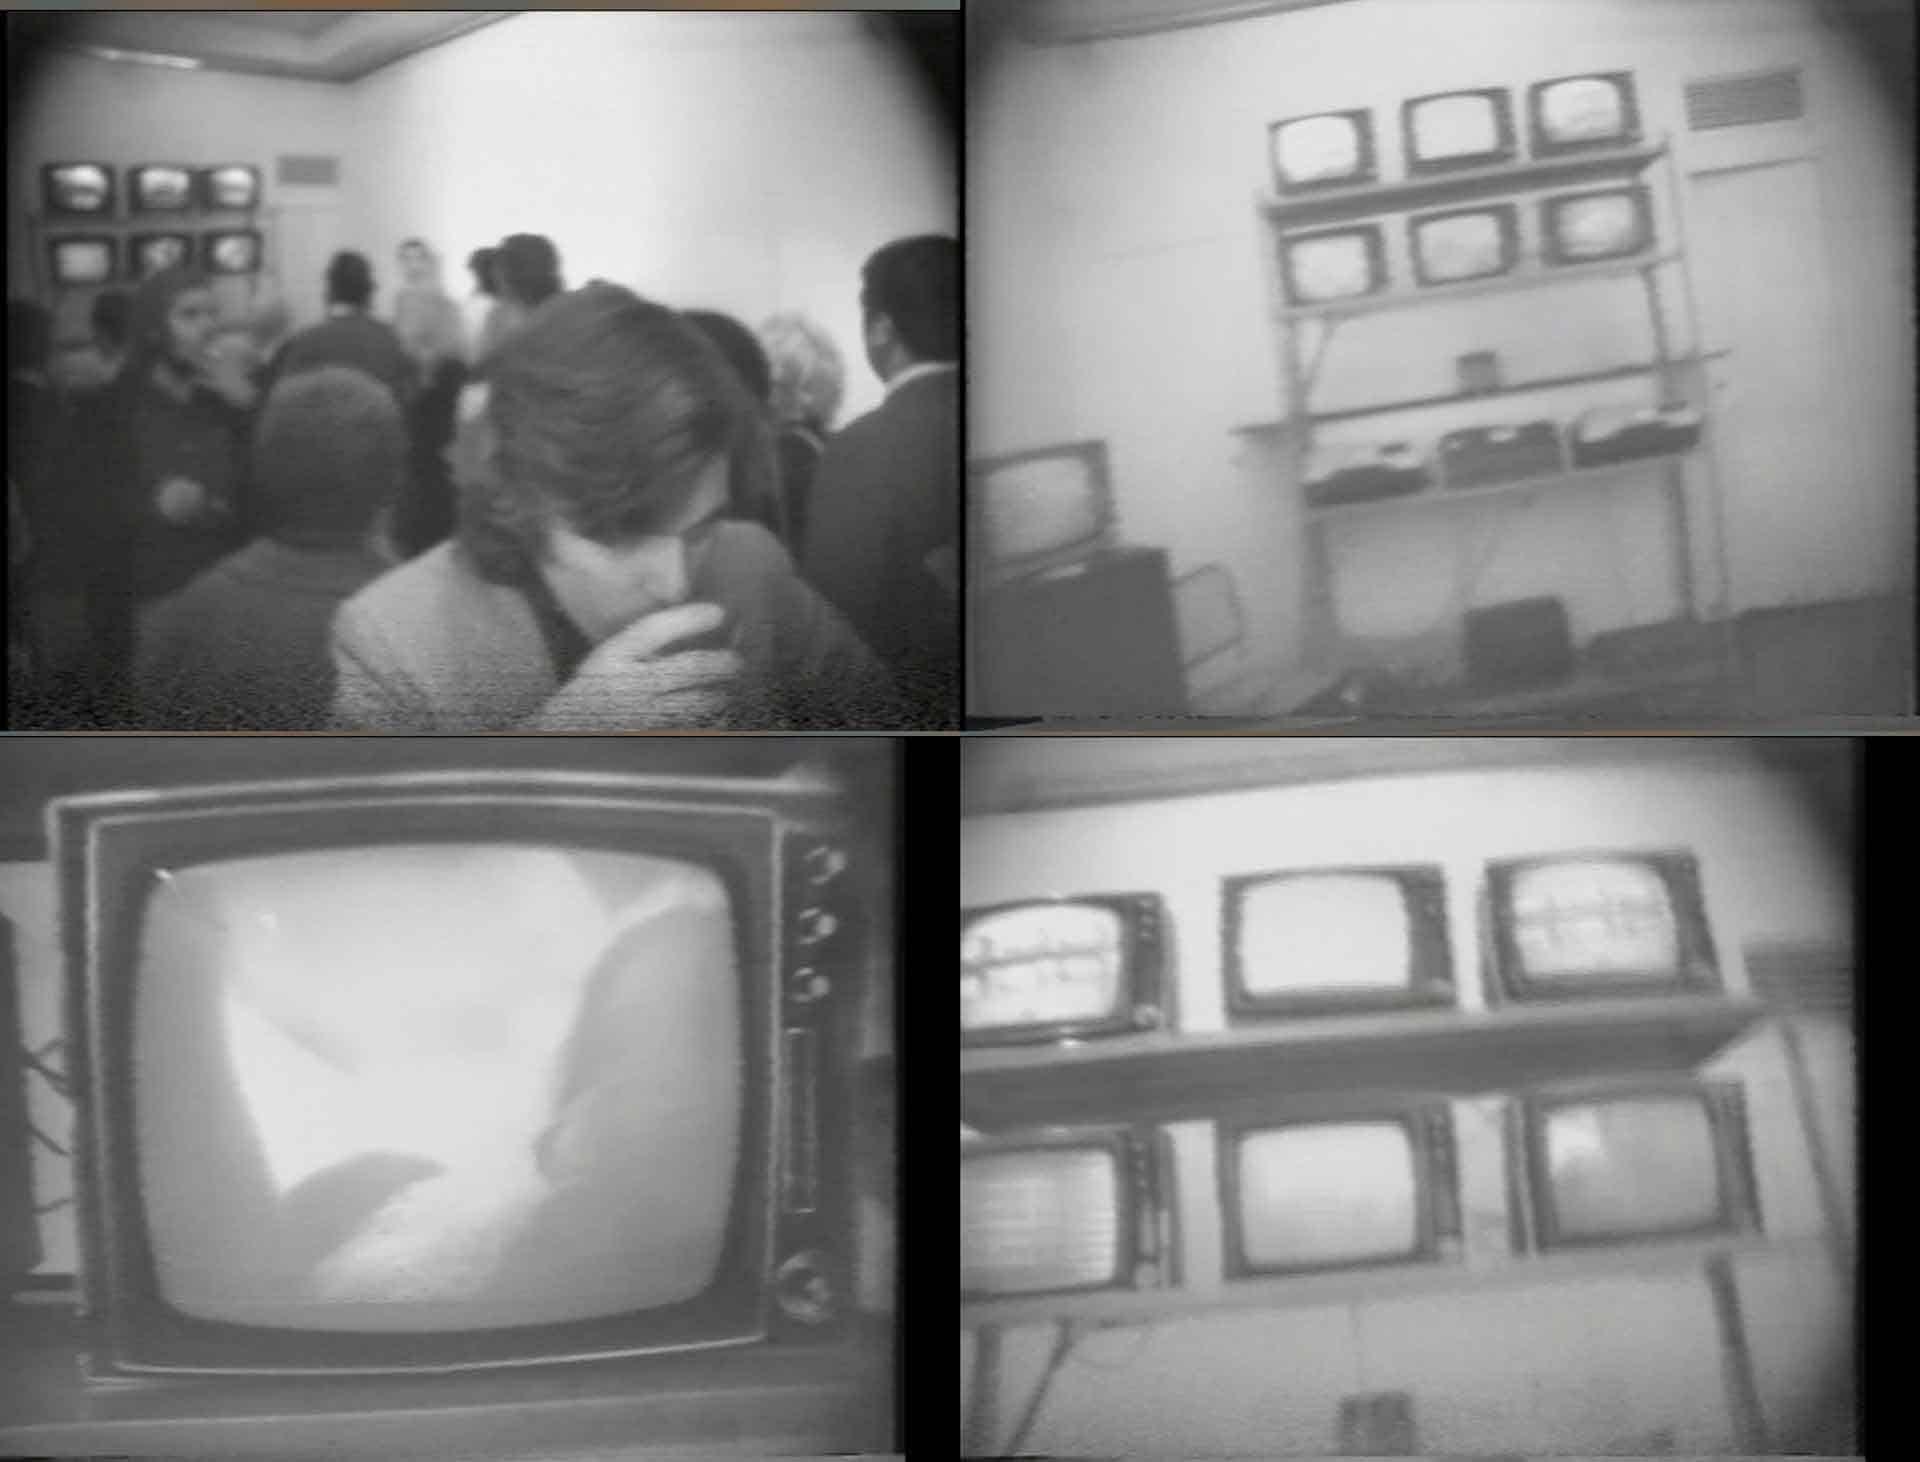 Still dal video di documentazione della serata inaugurale del centro del «Videobelisco Art Video Recording» e presentazione del «Video libro n. 1», Galleria dell'Obelisco, Roma 1971. Courtesy Archivio dell'Obelisco, La Centrale dell'Arte, Roma.